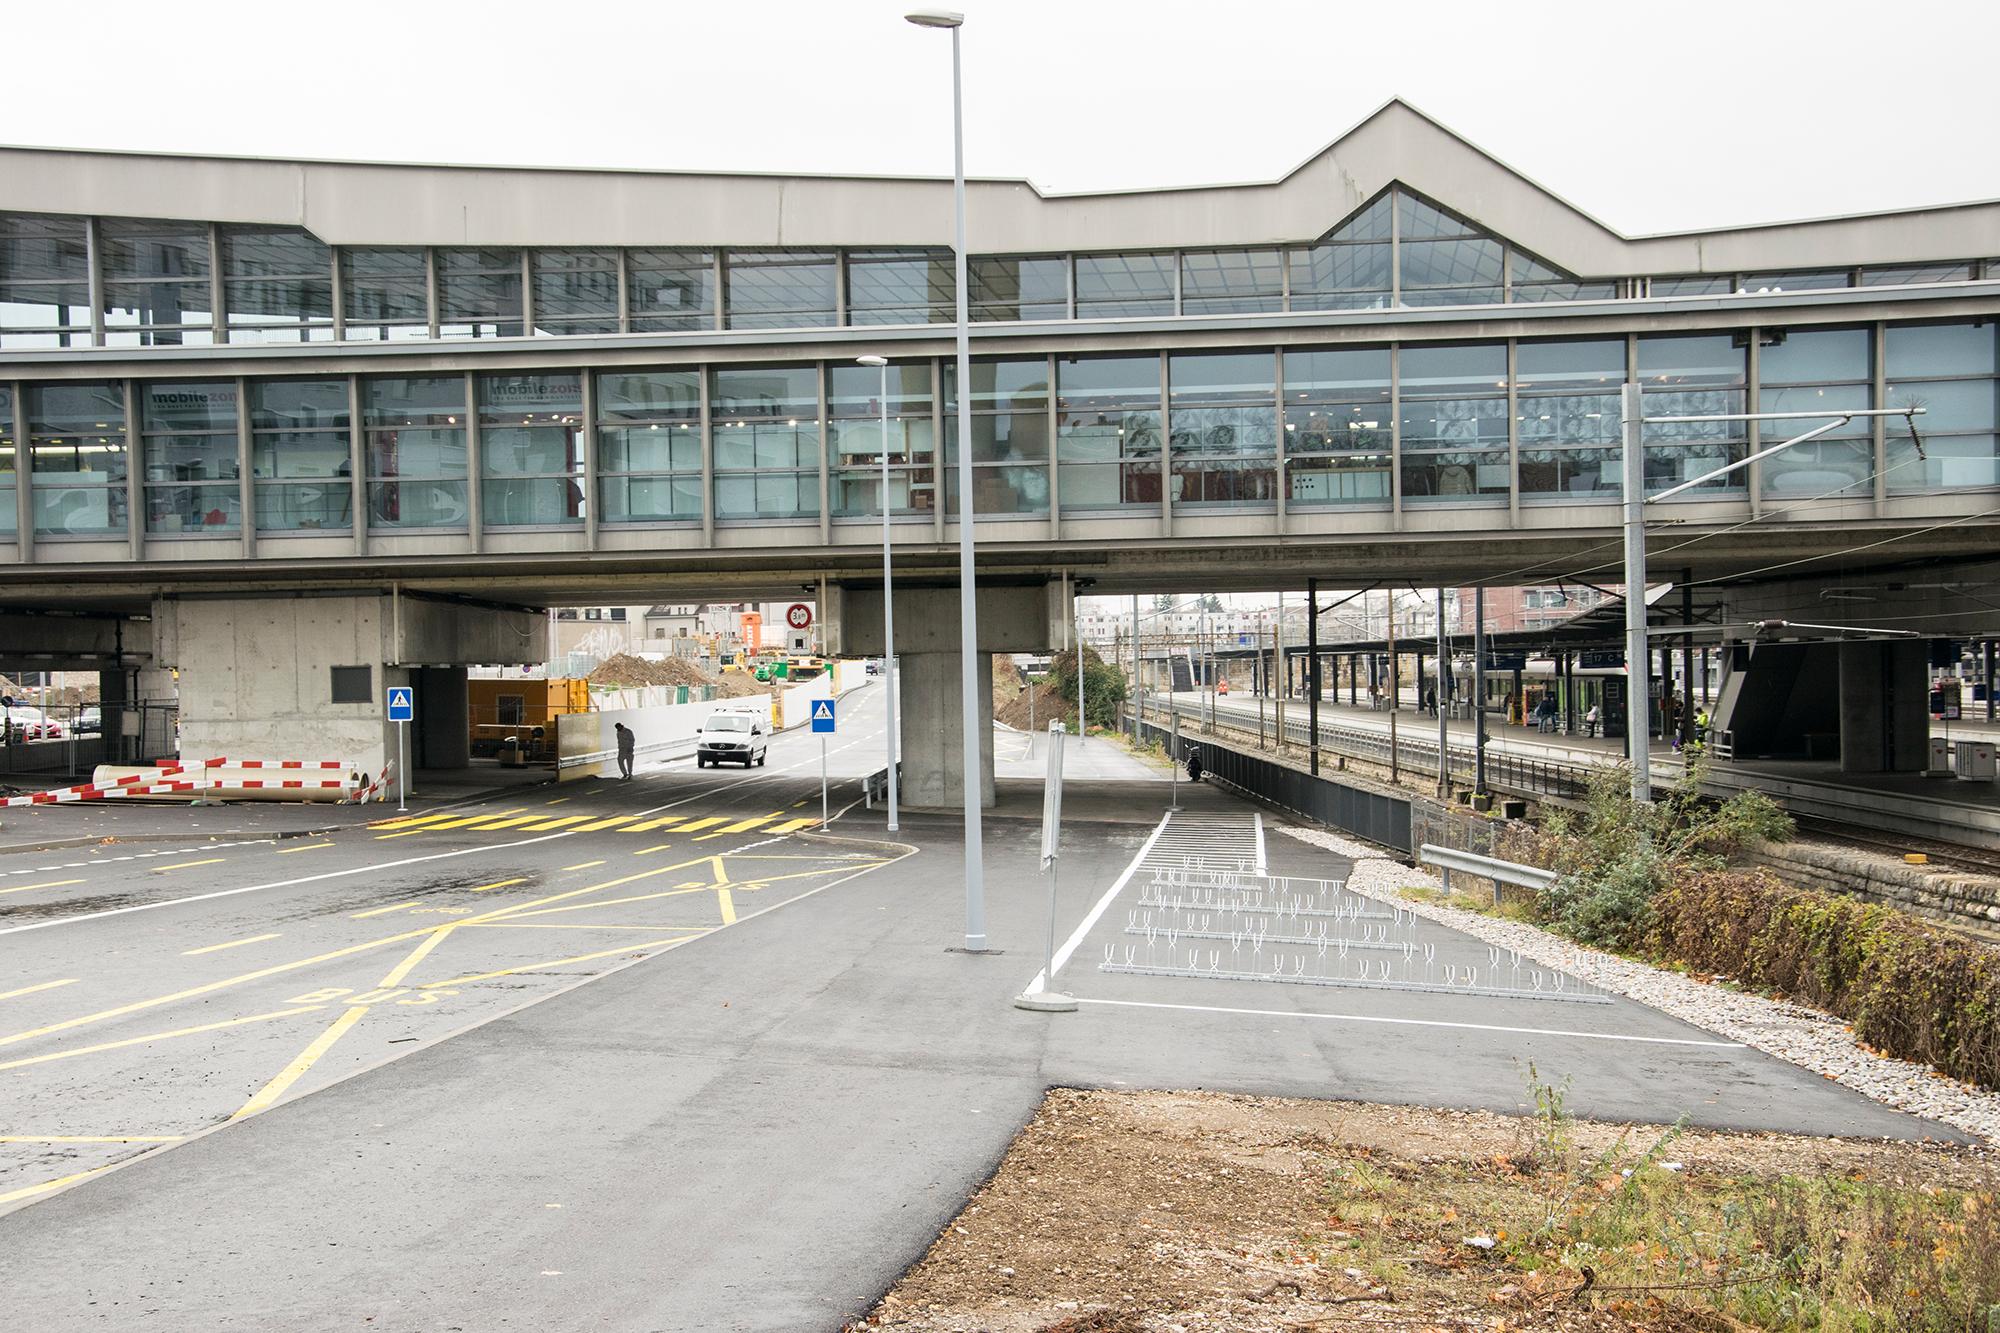 Ein paar neue Abstellplätze für Velos hat die SBB zwischen provisorischer Meret-Oppenheim-Strasse und Gleis-Areal installiert. Daneben befinden sich die neuen Busparkplätze.